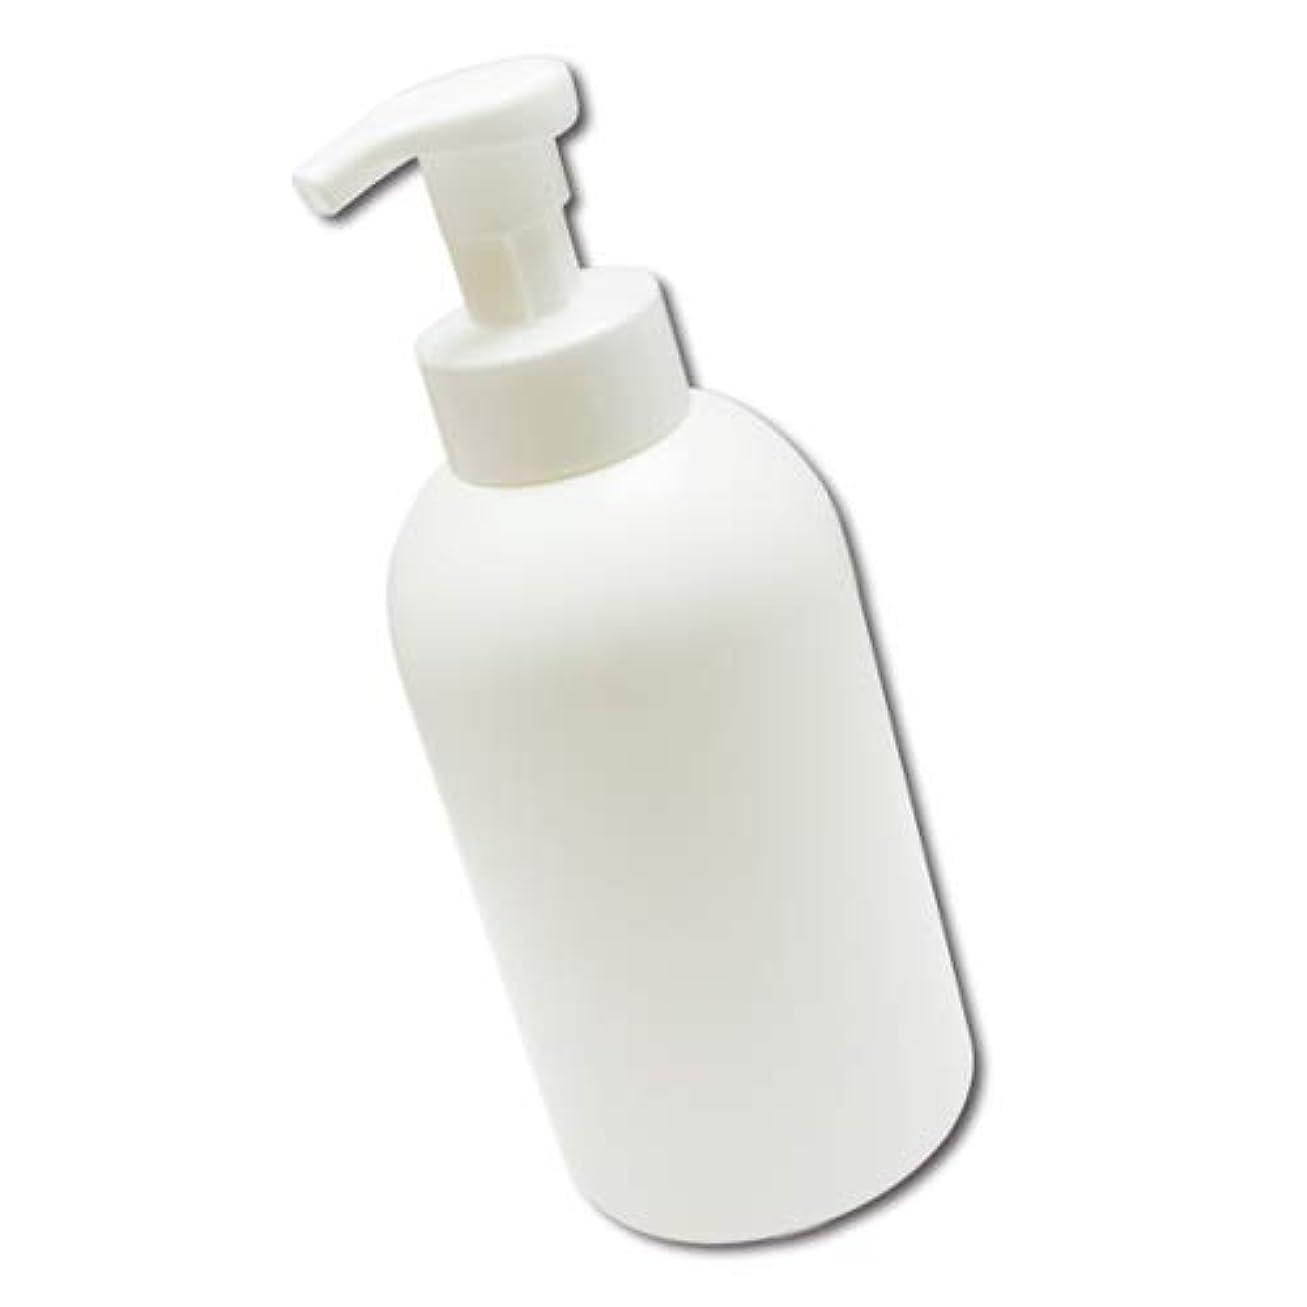 時々時々症候群サロン泡立てポンプボトル800ml 泡で出てくる詰め替え容器泡立ちソープディスペンサー 液体石鹸、シャンプーボディーソープの詰め替えに 泡フォームポンプ容器 液体せっけん等の小分けに